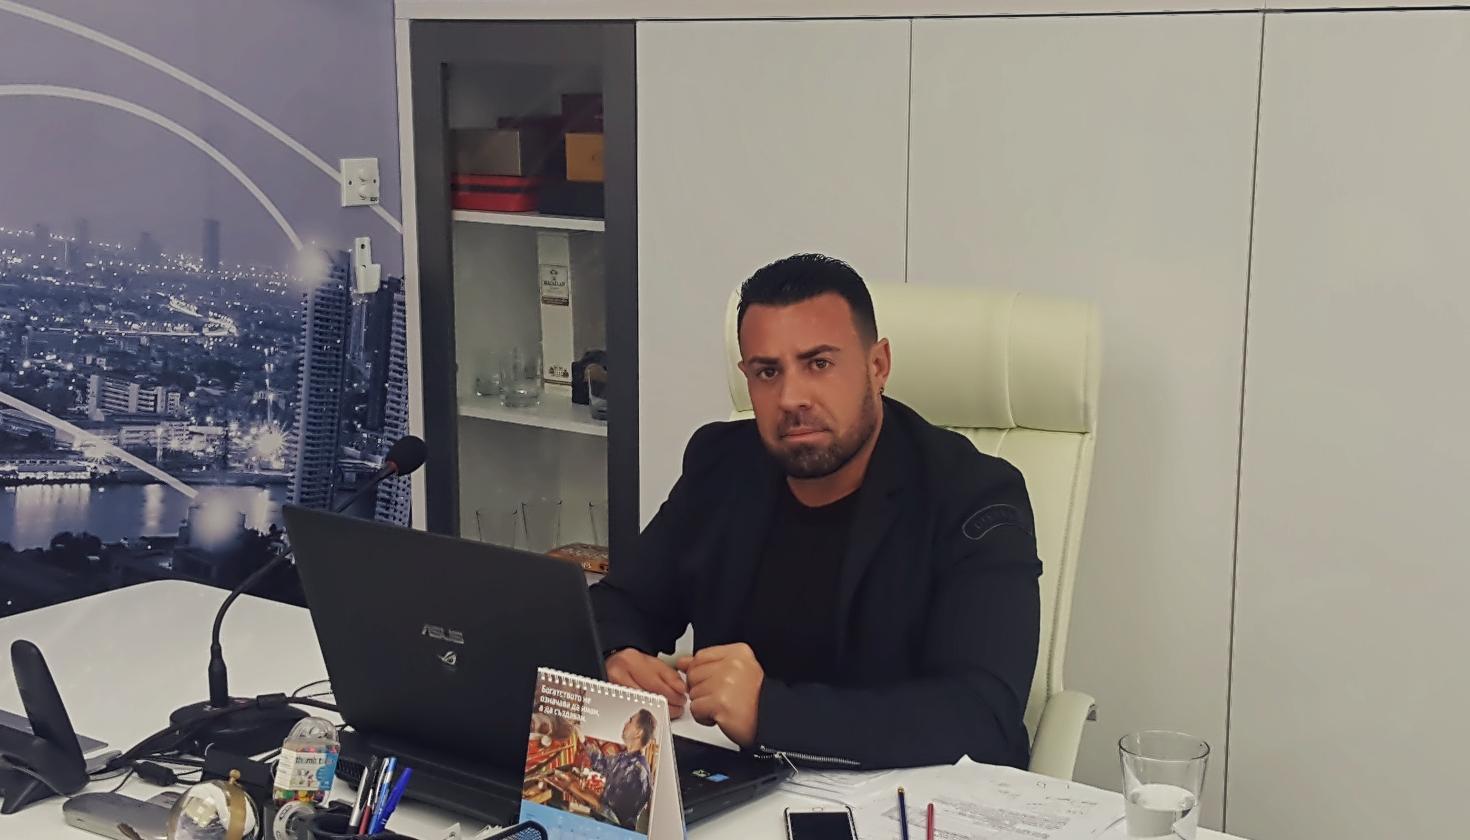 Румен Стефанов: Община Поморие пречи за развитието на туризма в Ахелой,  оказван е натиск по телефона върху бизнеса